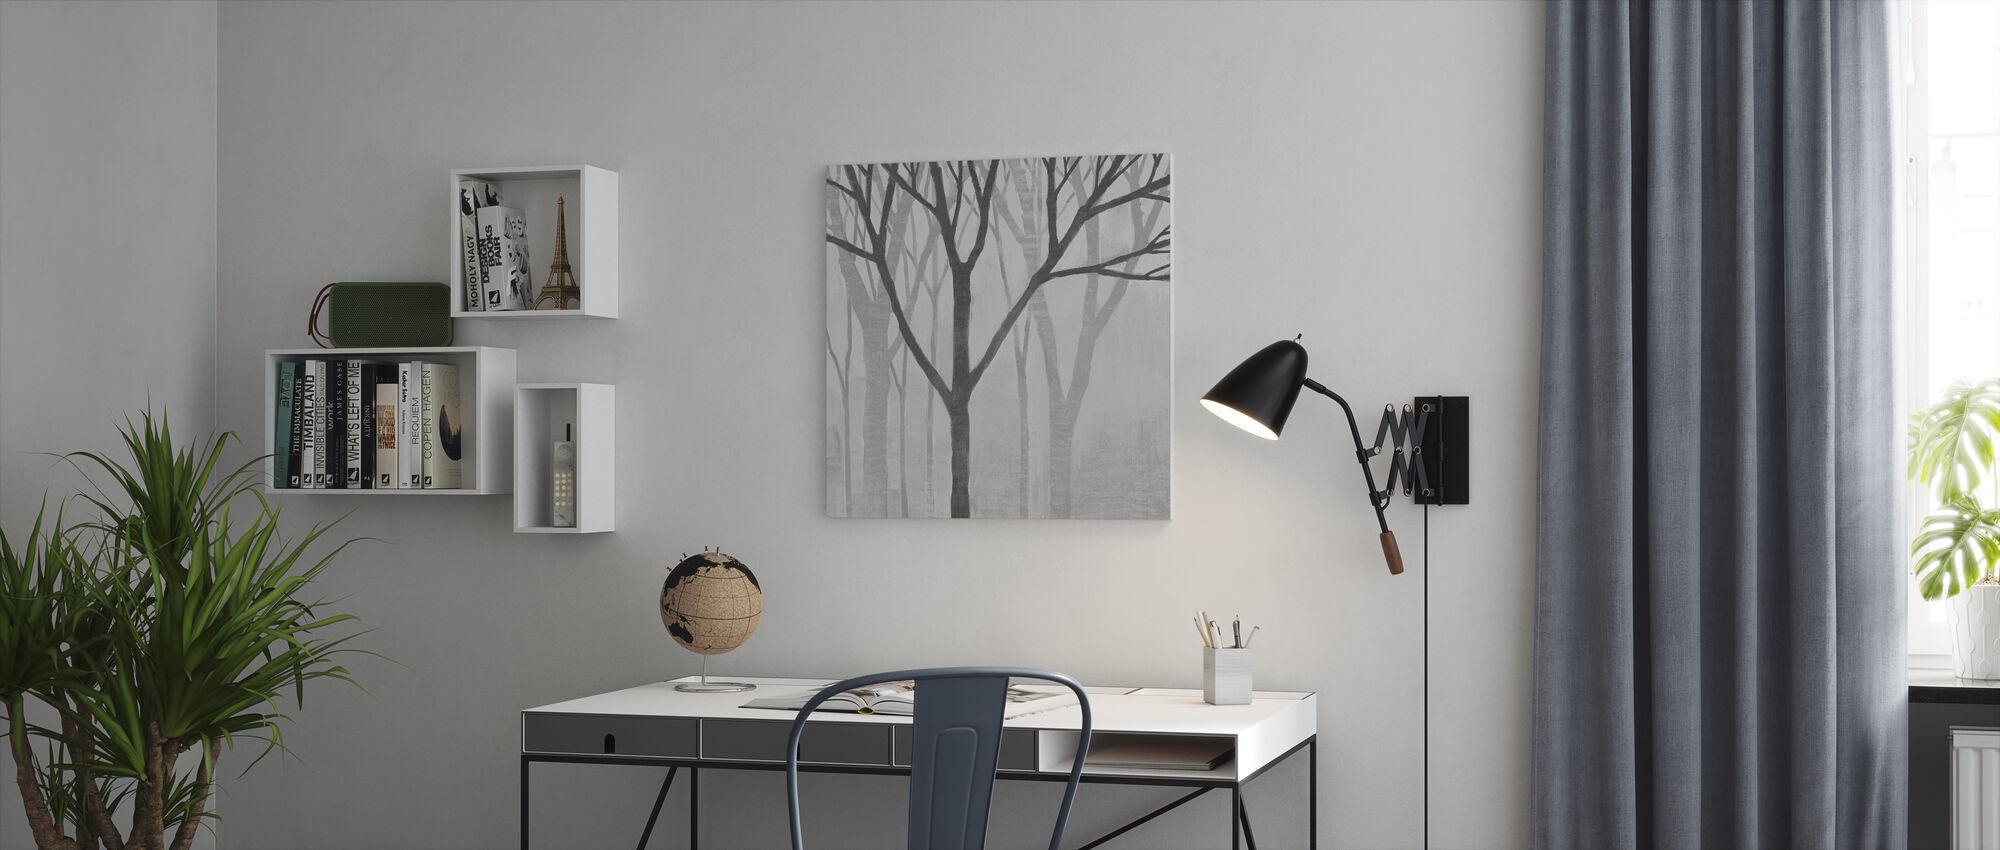 Kevät puut Greystone II - Canvastaulu - Toimisto